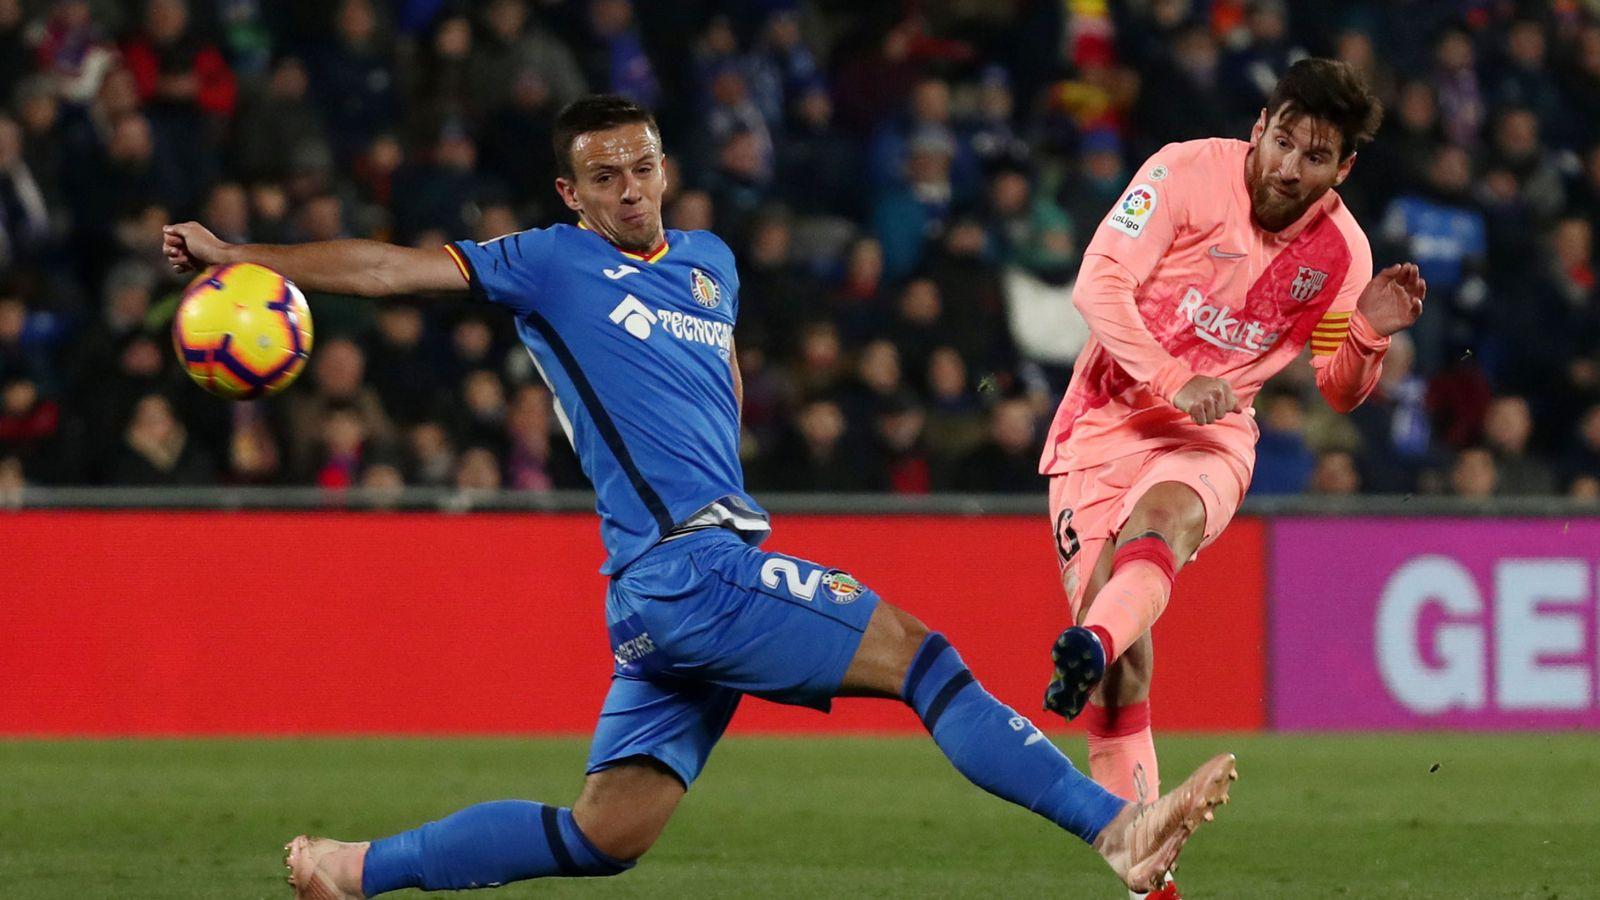 Getafe Resultado Y Resumen Hoy En Directo: FC Barcelona En Directo: Resumen, Goles Y Resultado